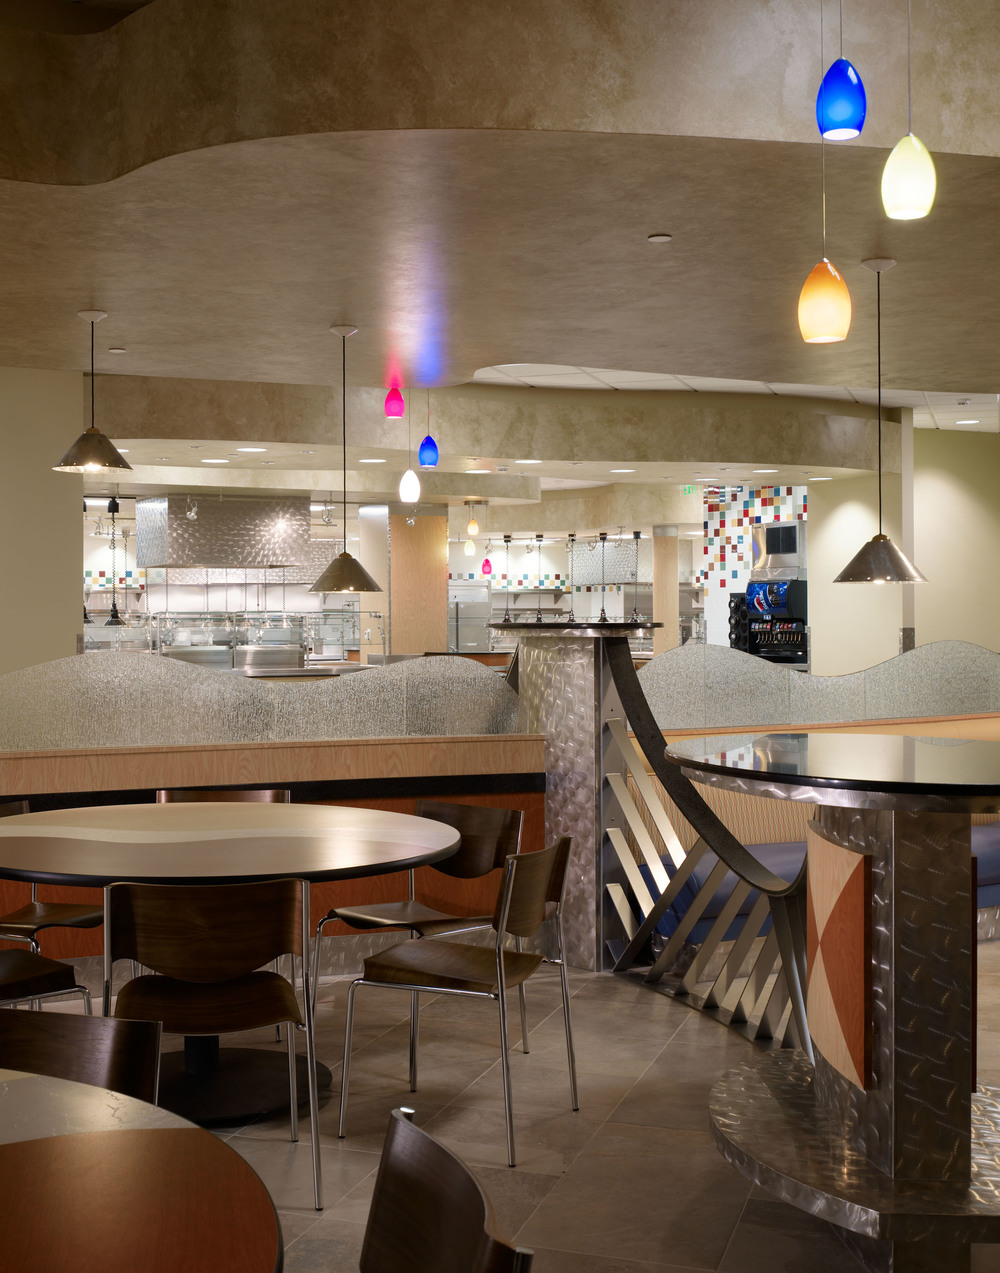 UCIrvine Douglas Hospital Interior - Cafeteria 03.jpg